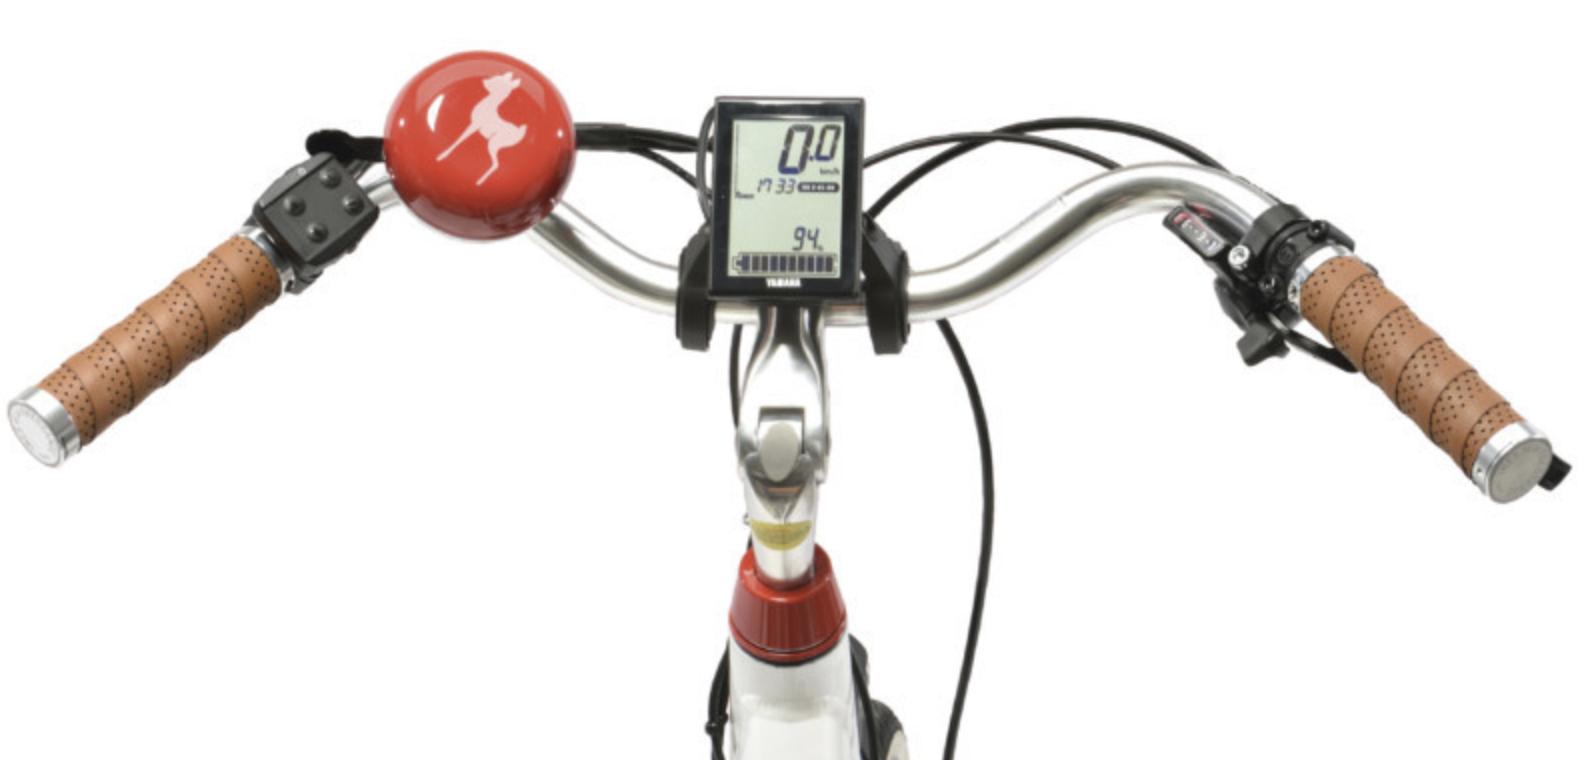 vélo-électrique-gitane-ines-de-la-fressange